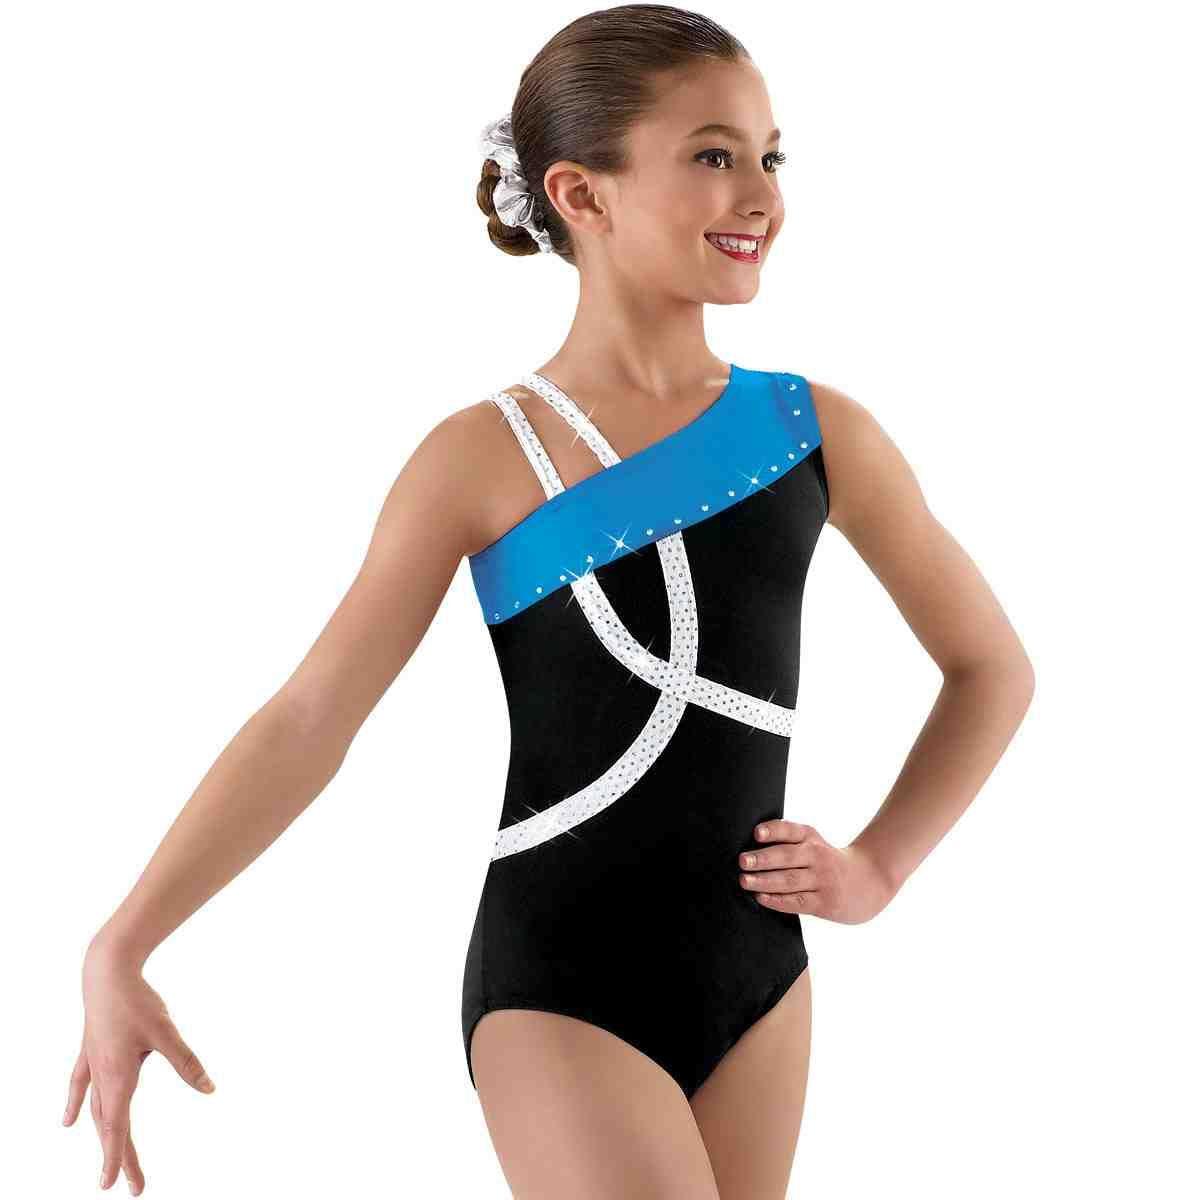 277be4e63dda Kids Gymnastics Clothes